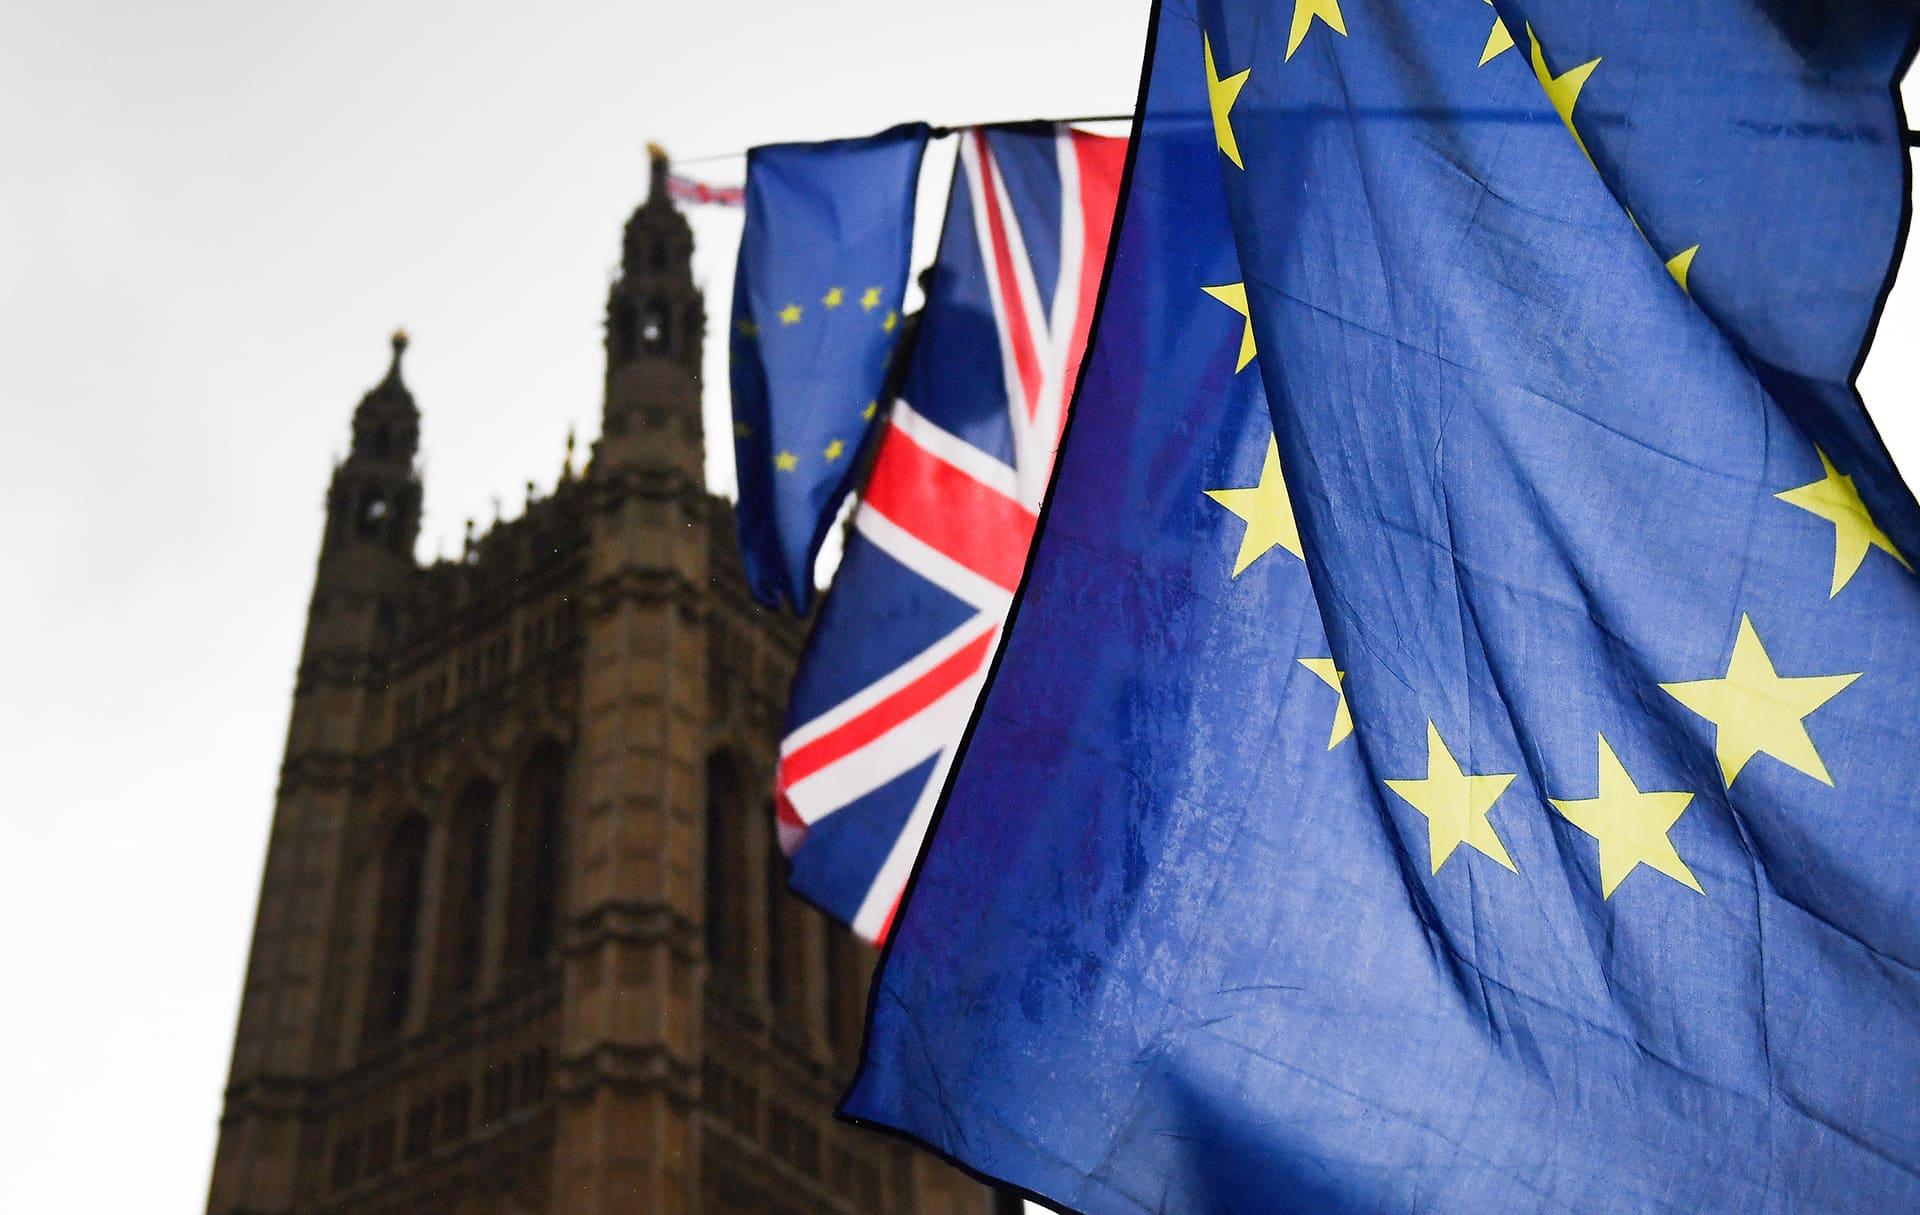 Brexitiä vastustavien liput liehuivat Britannian parlamenttitalon ulkopuolella marraskuussa 2018.